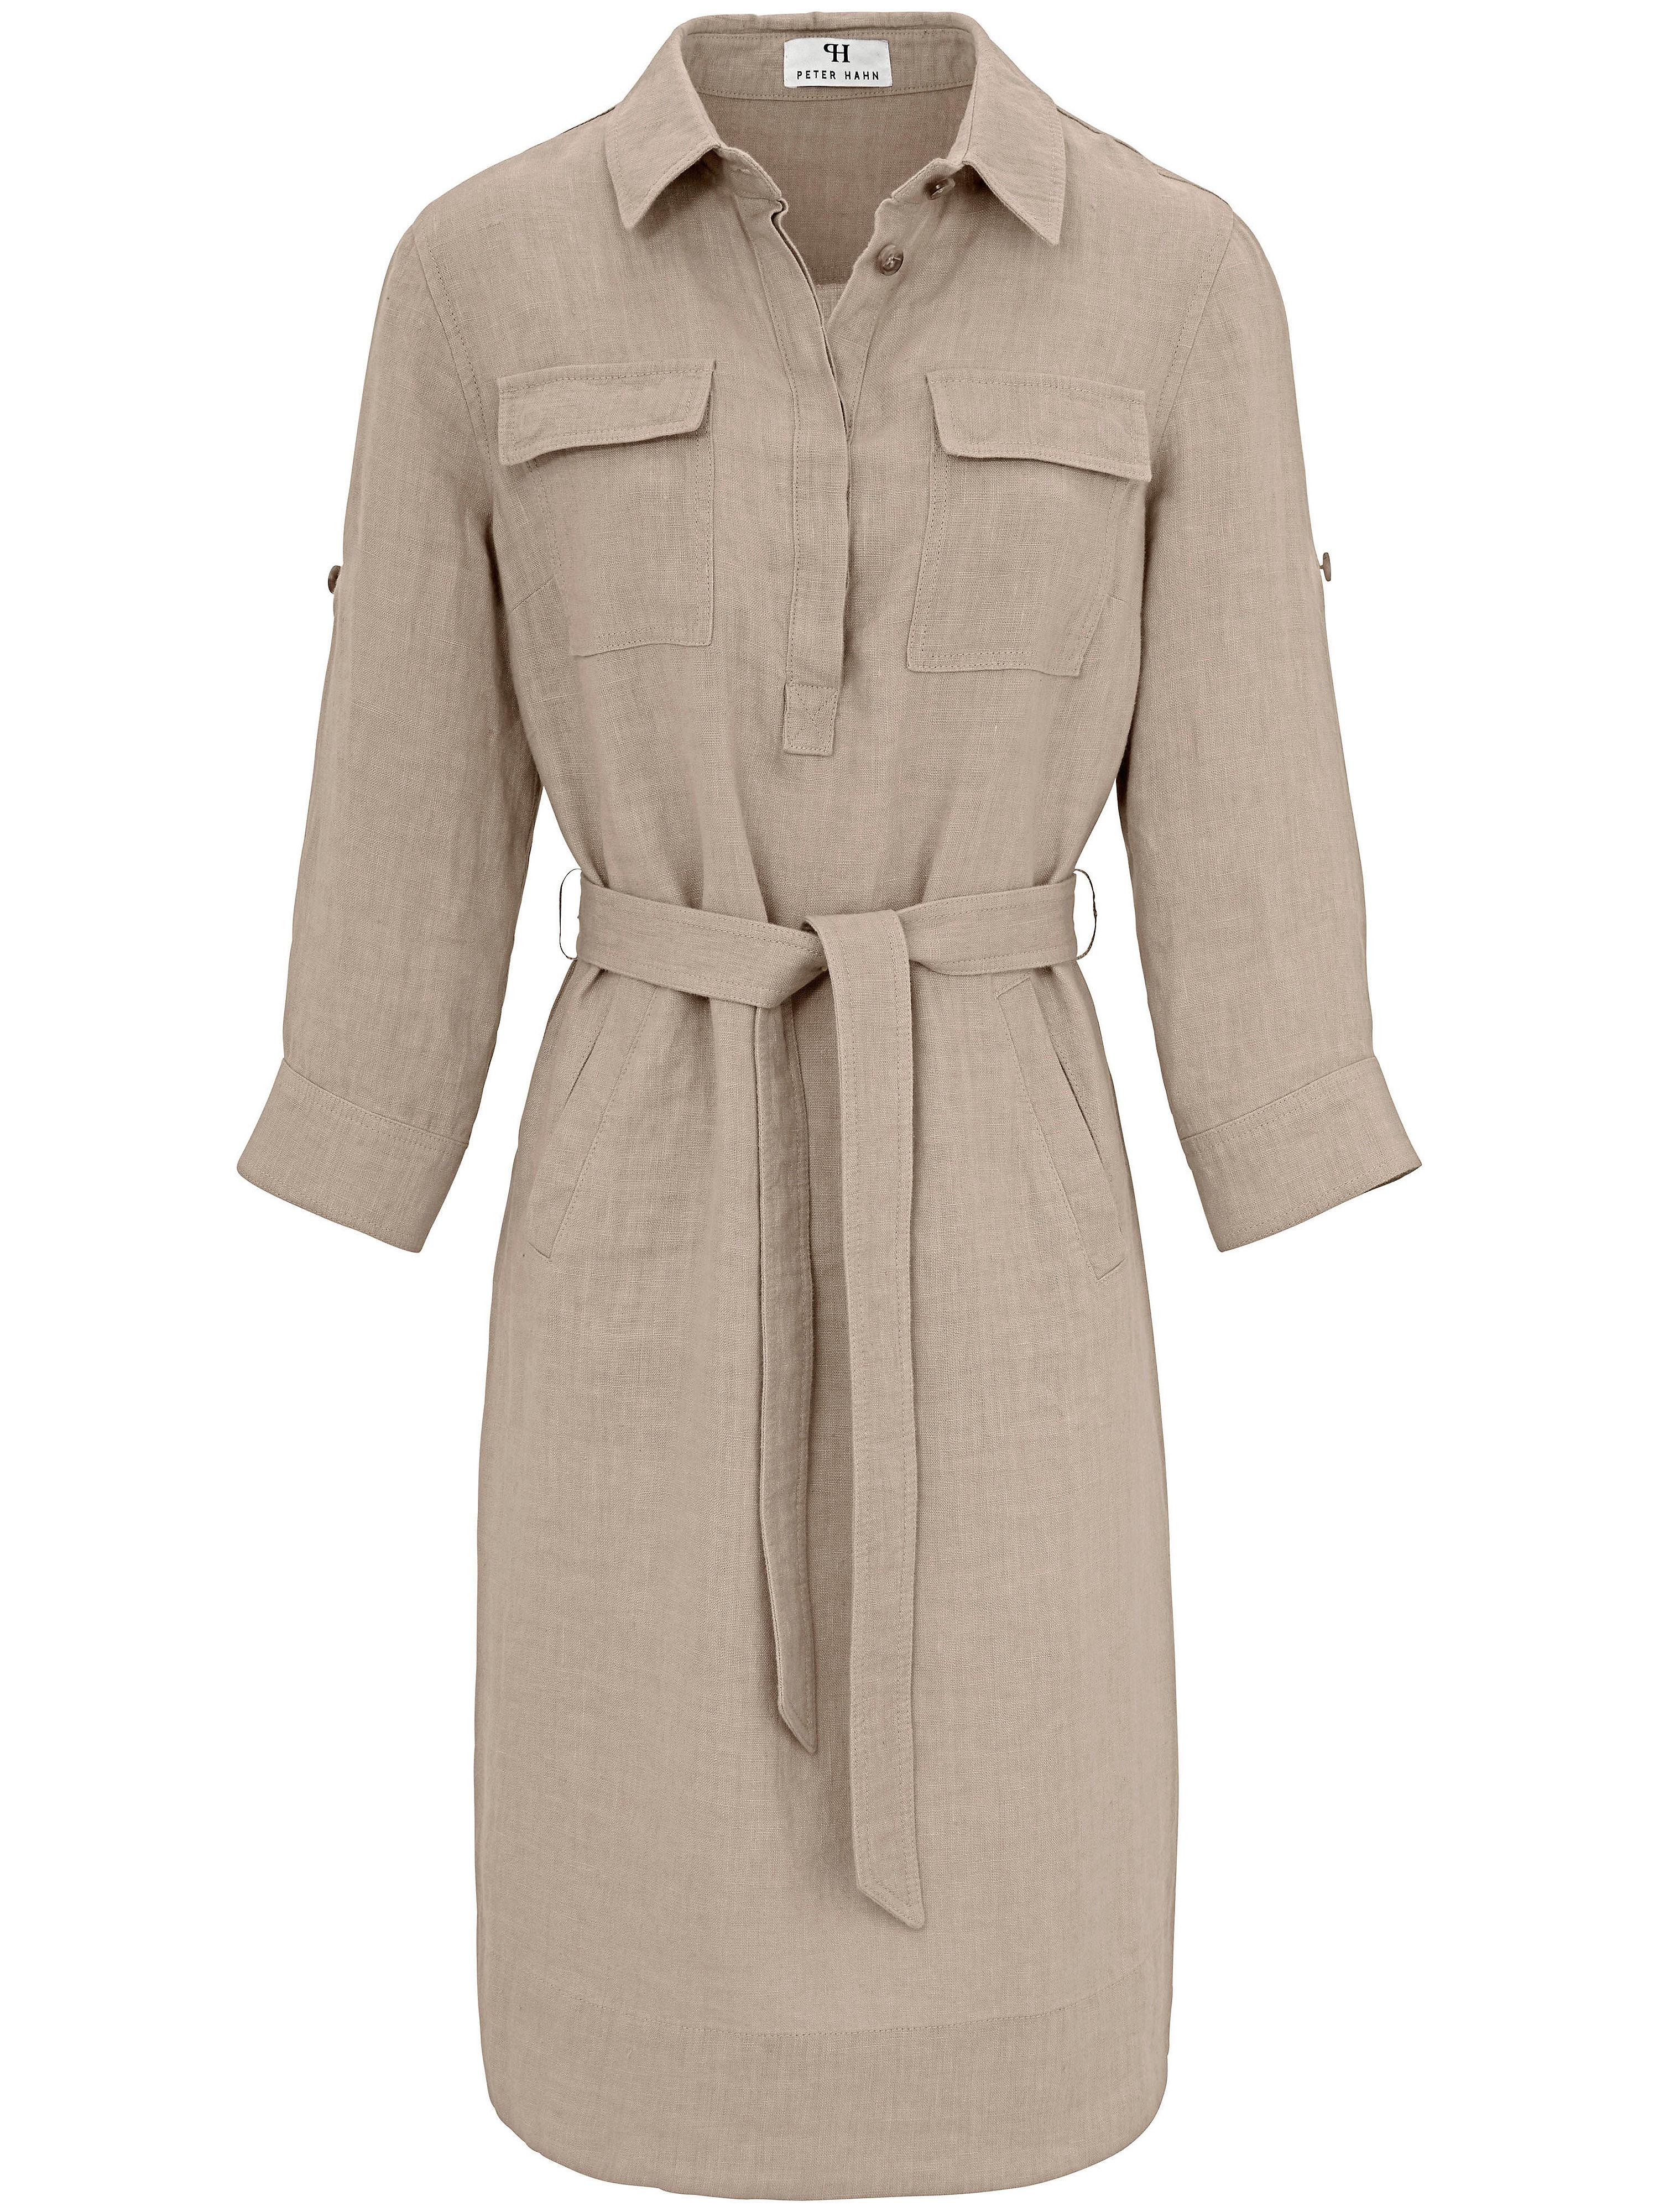 Peter Hahn jurk met 3/4 mouwen van 100% linnen beige